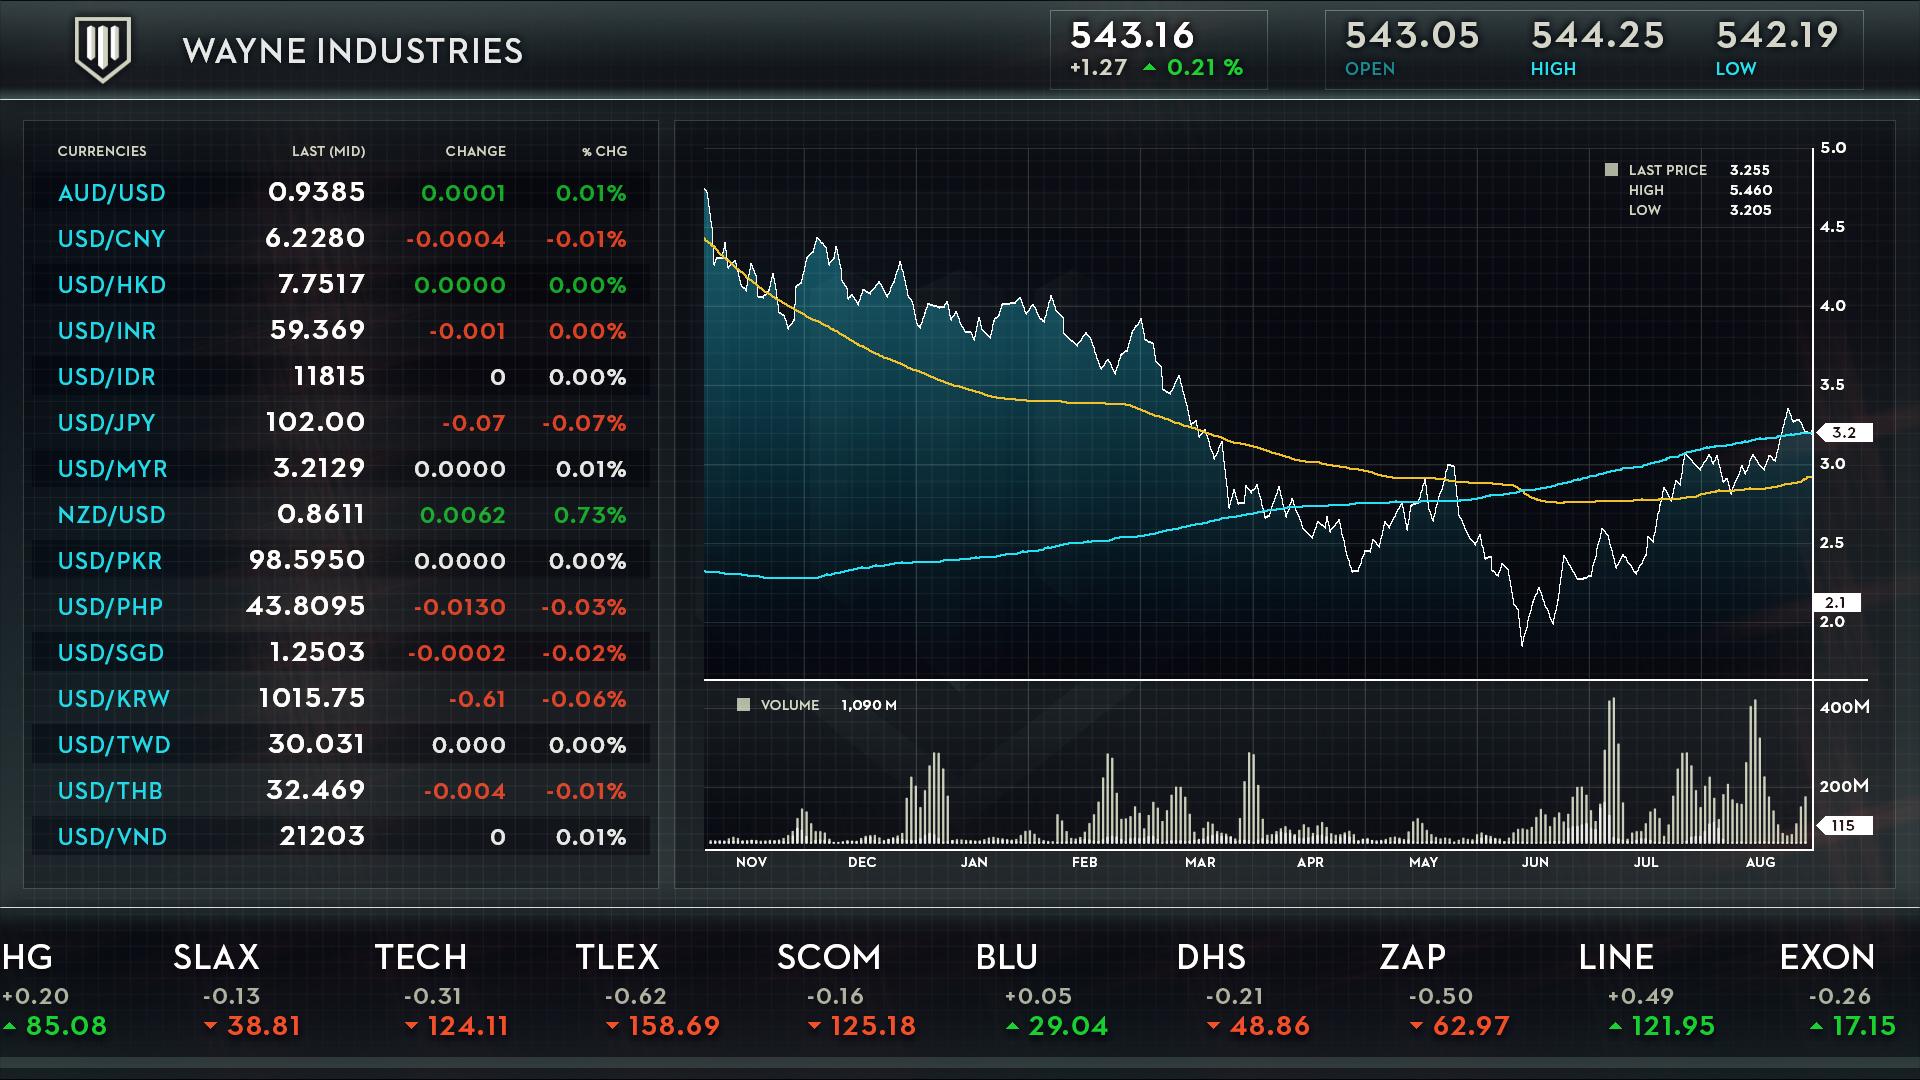 BVS_Wayne_Stocks_1b_mod 2